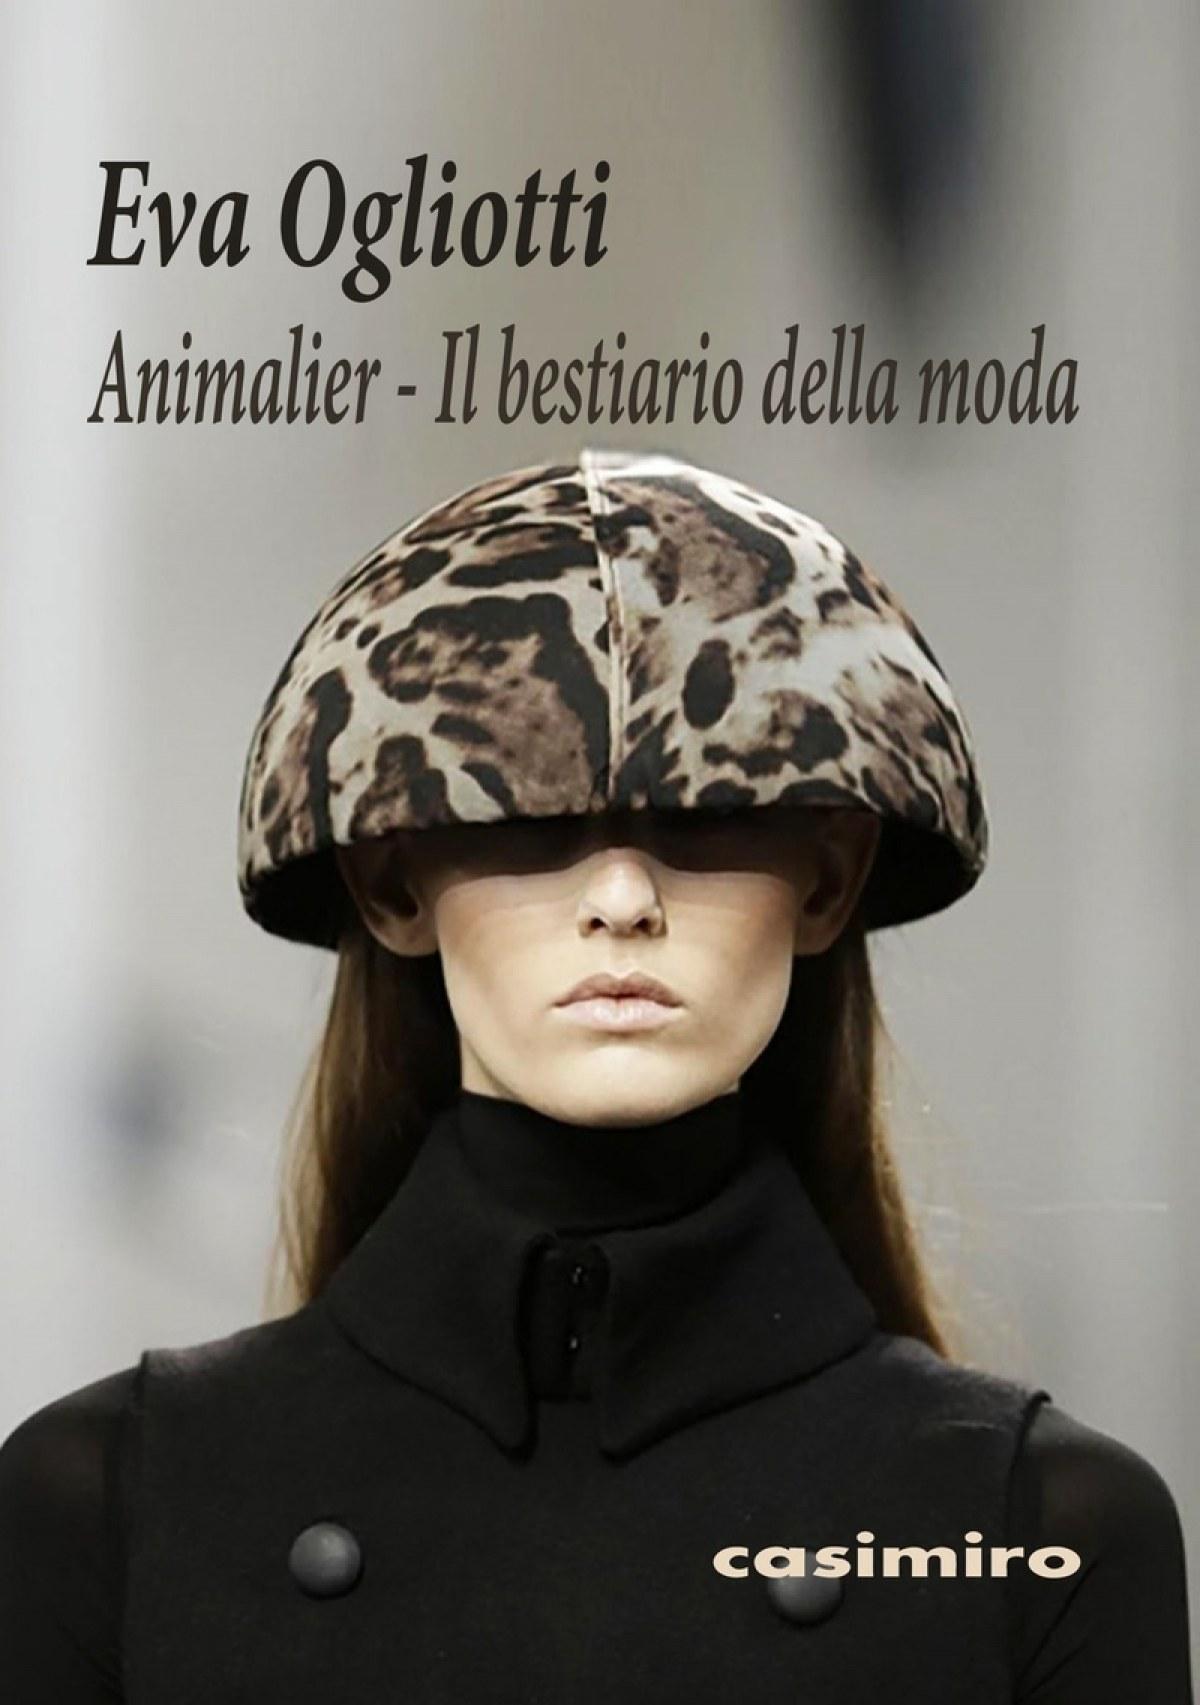 Animalier - Il bestiario della moda